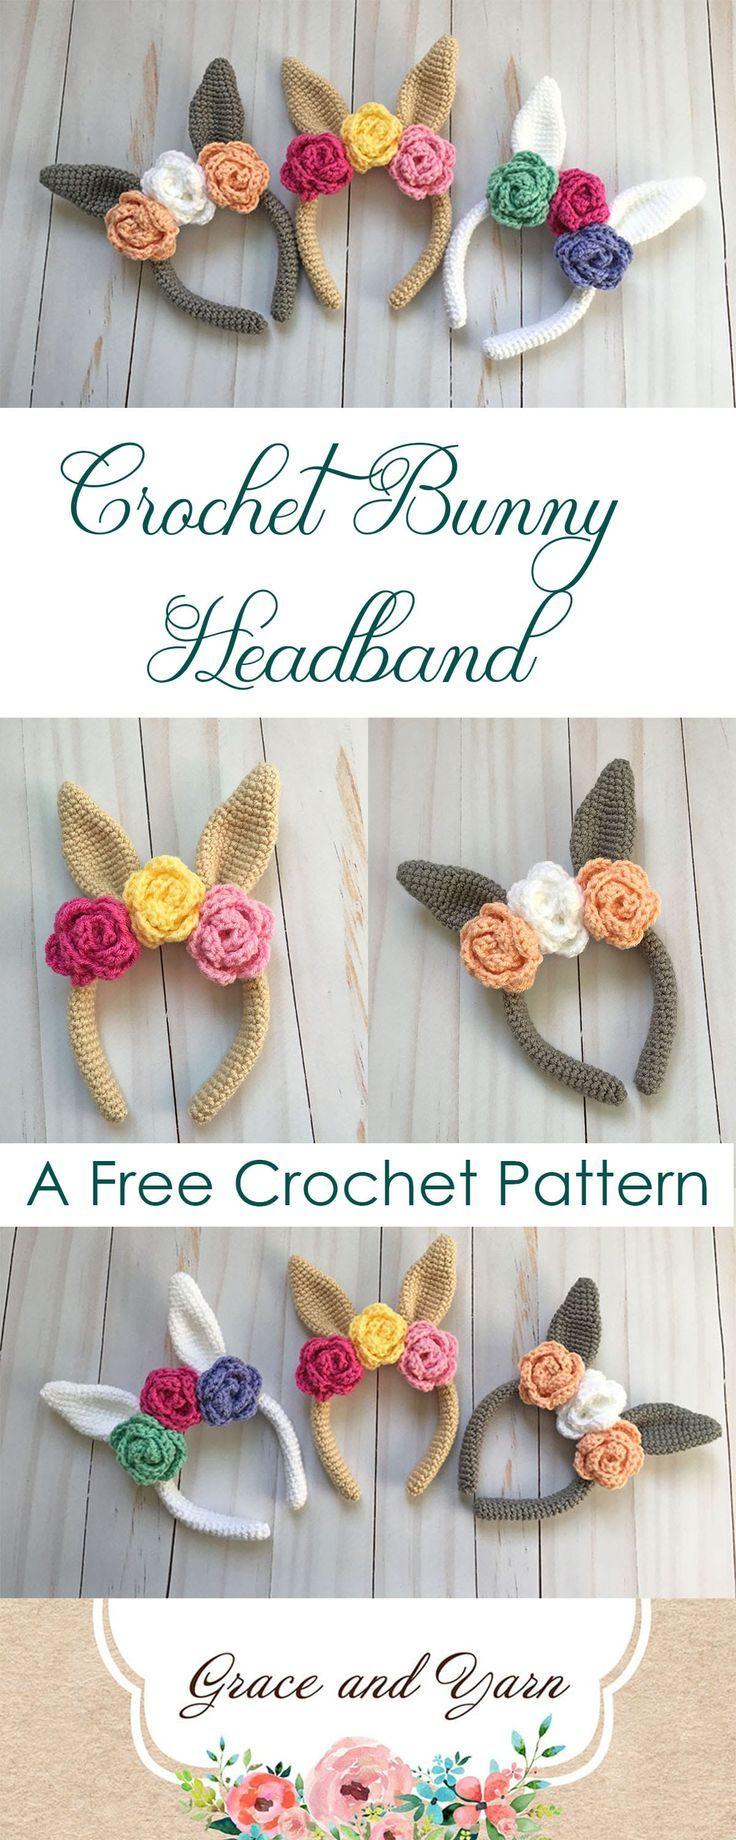 Kostenlose Häkeln Hase Stirnband Muster – leicht zu folgen … #diygeschenke #folgen #hakeln #kostenlose #leicht #muster #stirnband